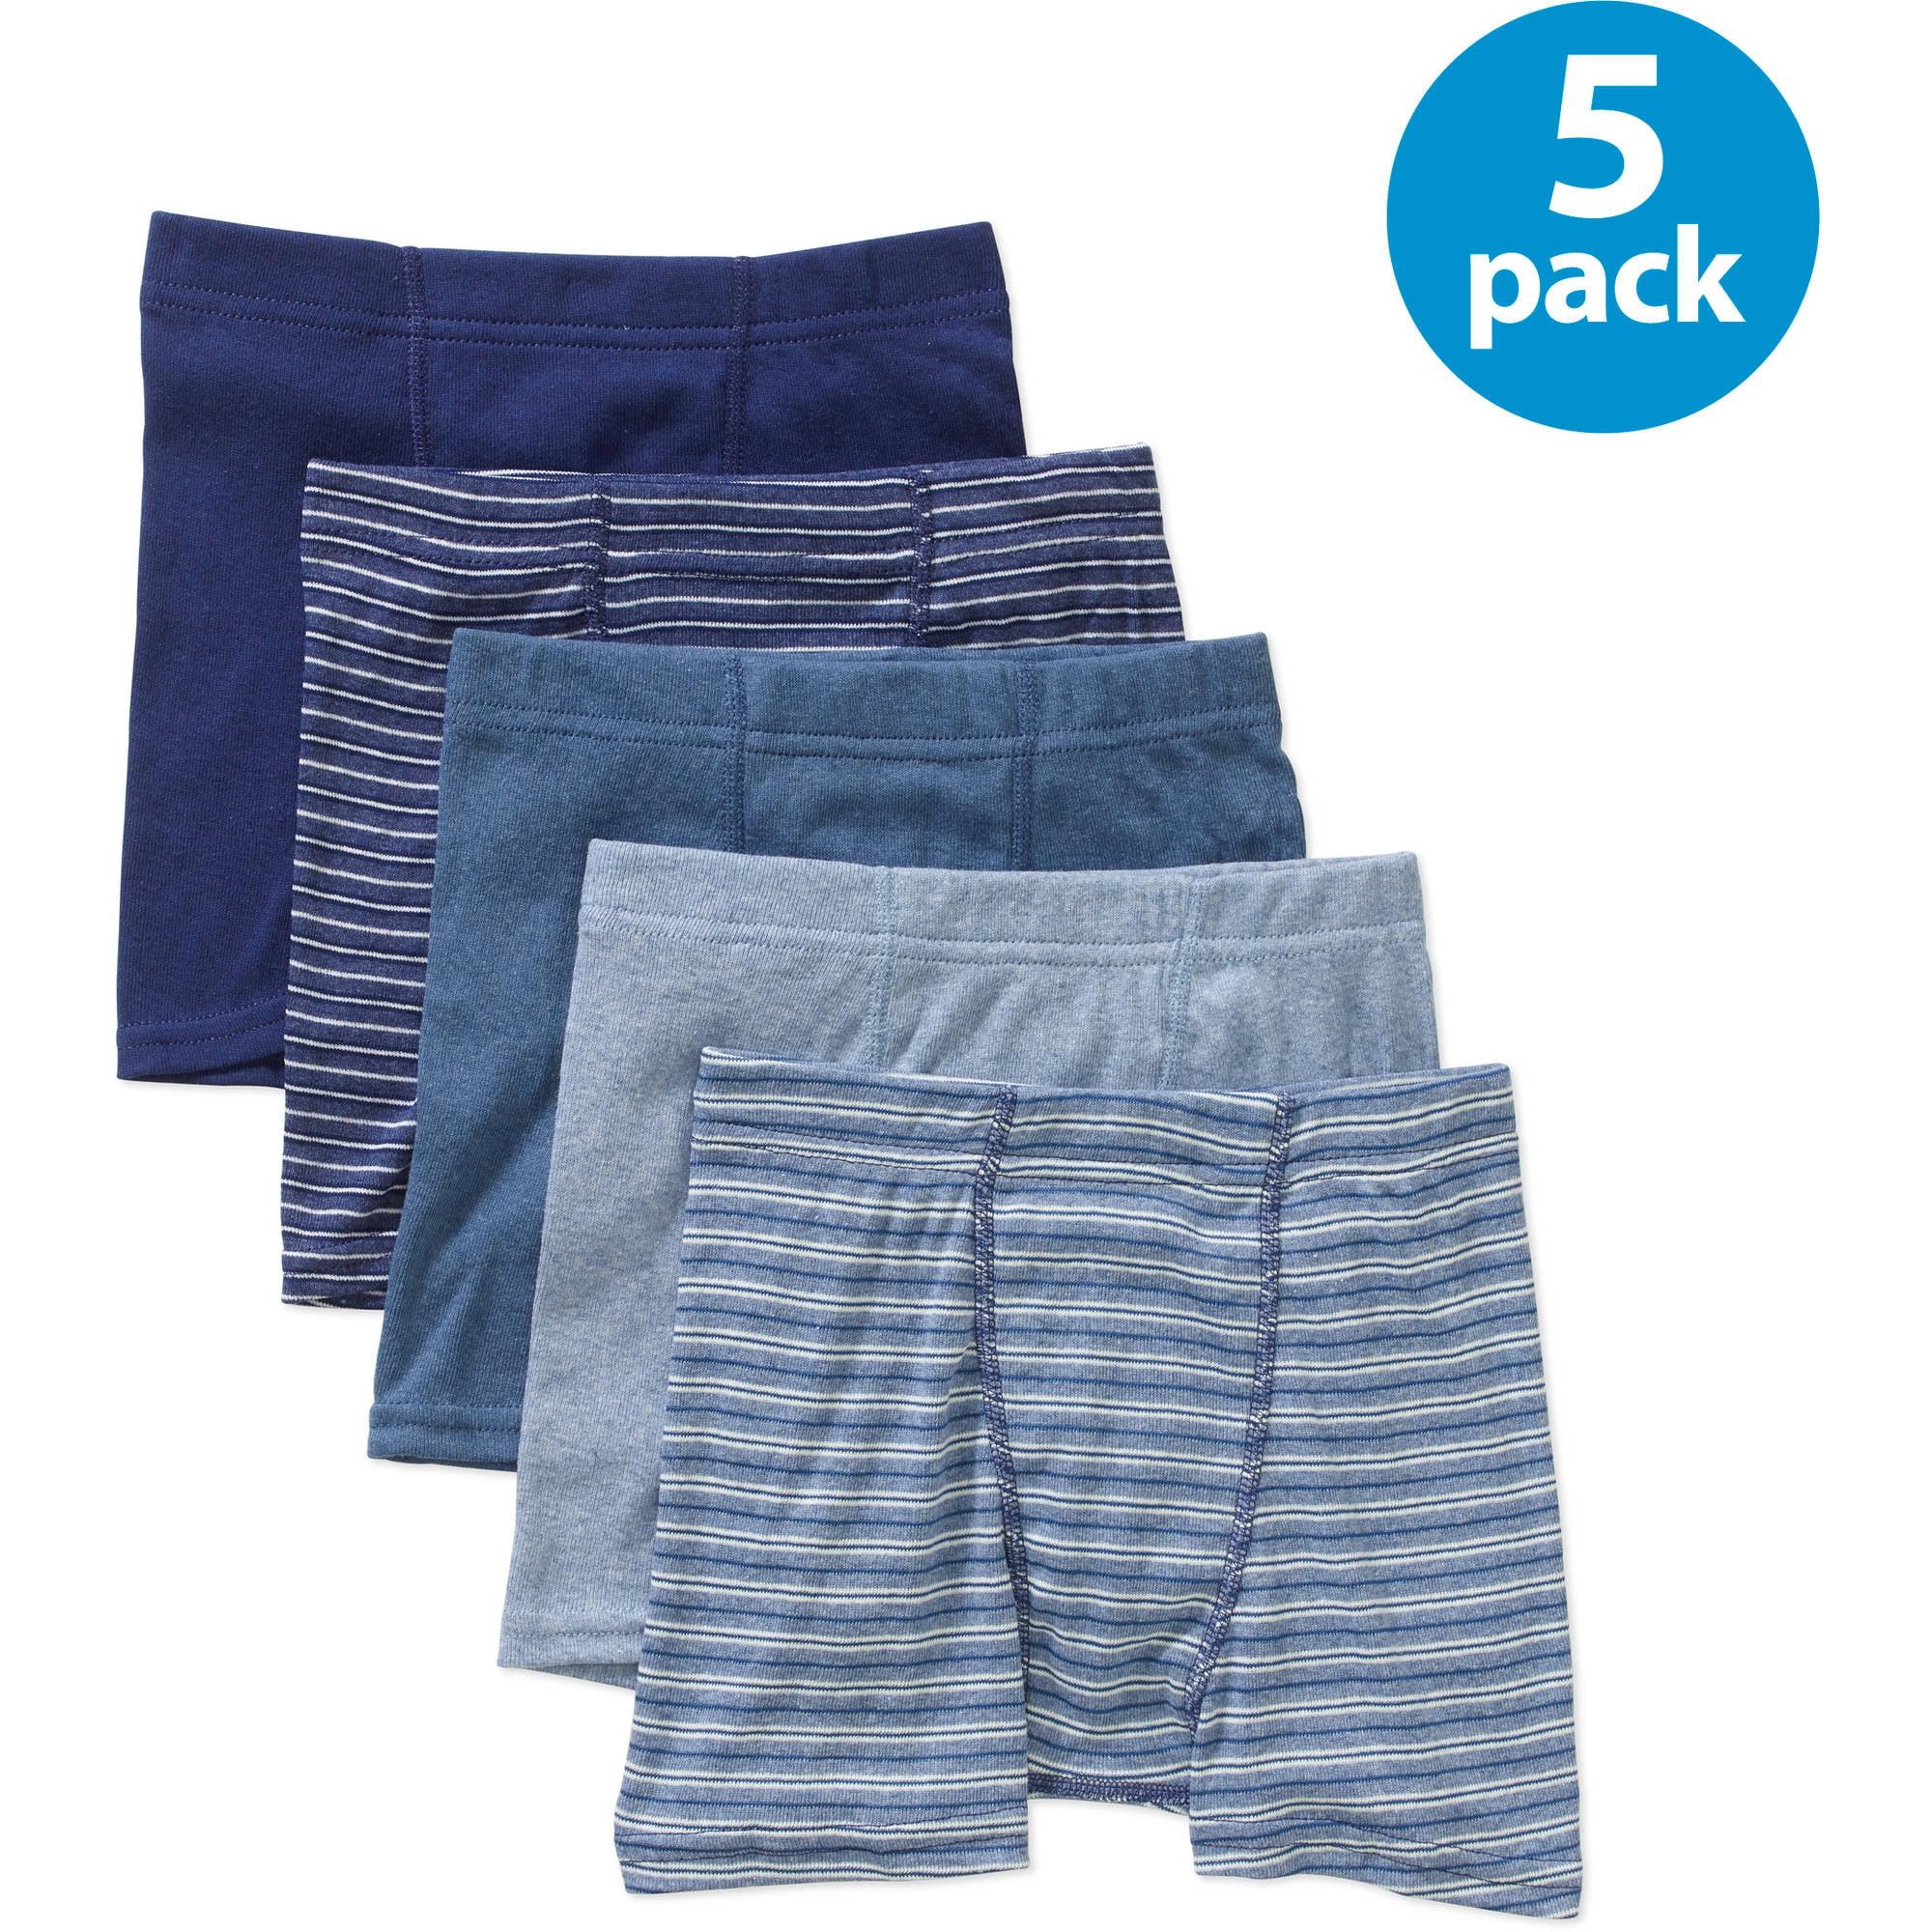 04cd882e2a35 Hanes - Boys 100% Cotton Exposed Waistband Briefs, 6 Pack - Walmart.com